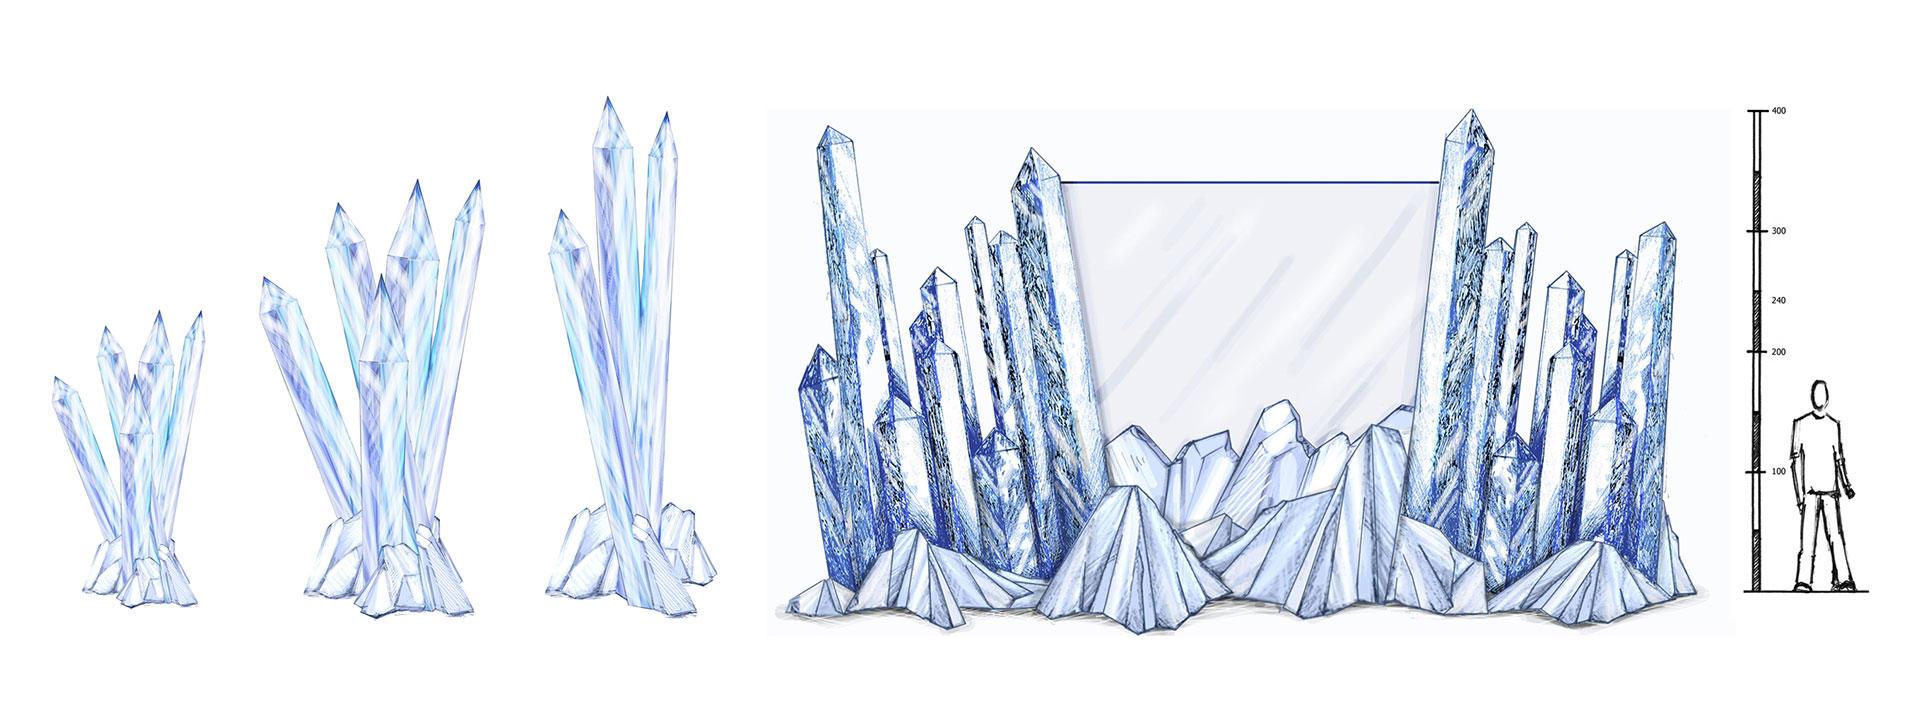 Decor of Ice world   Phixion